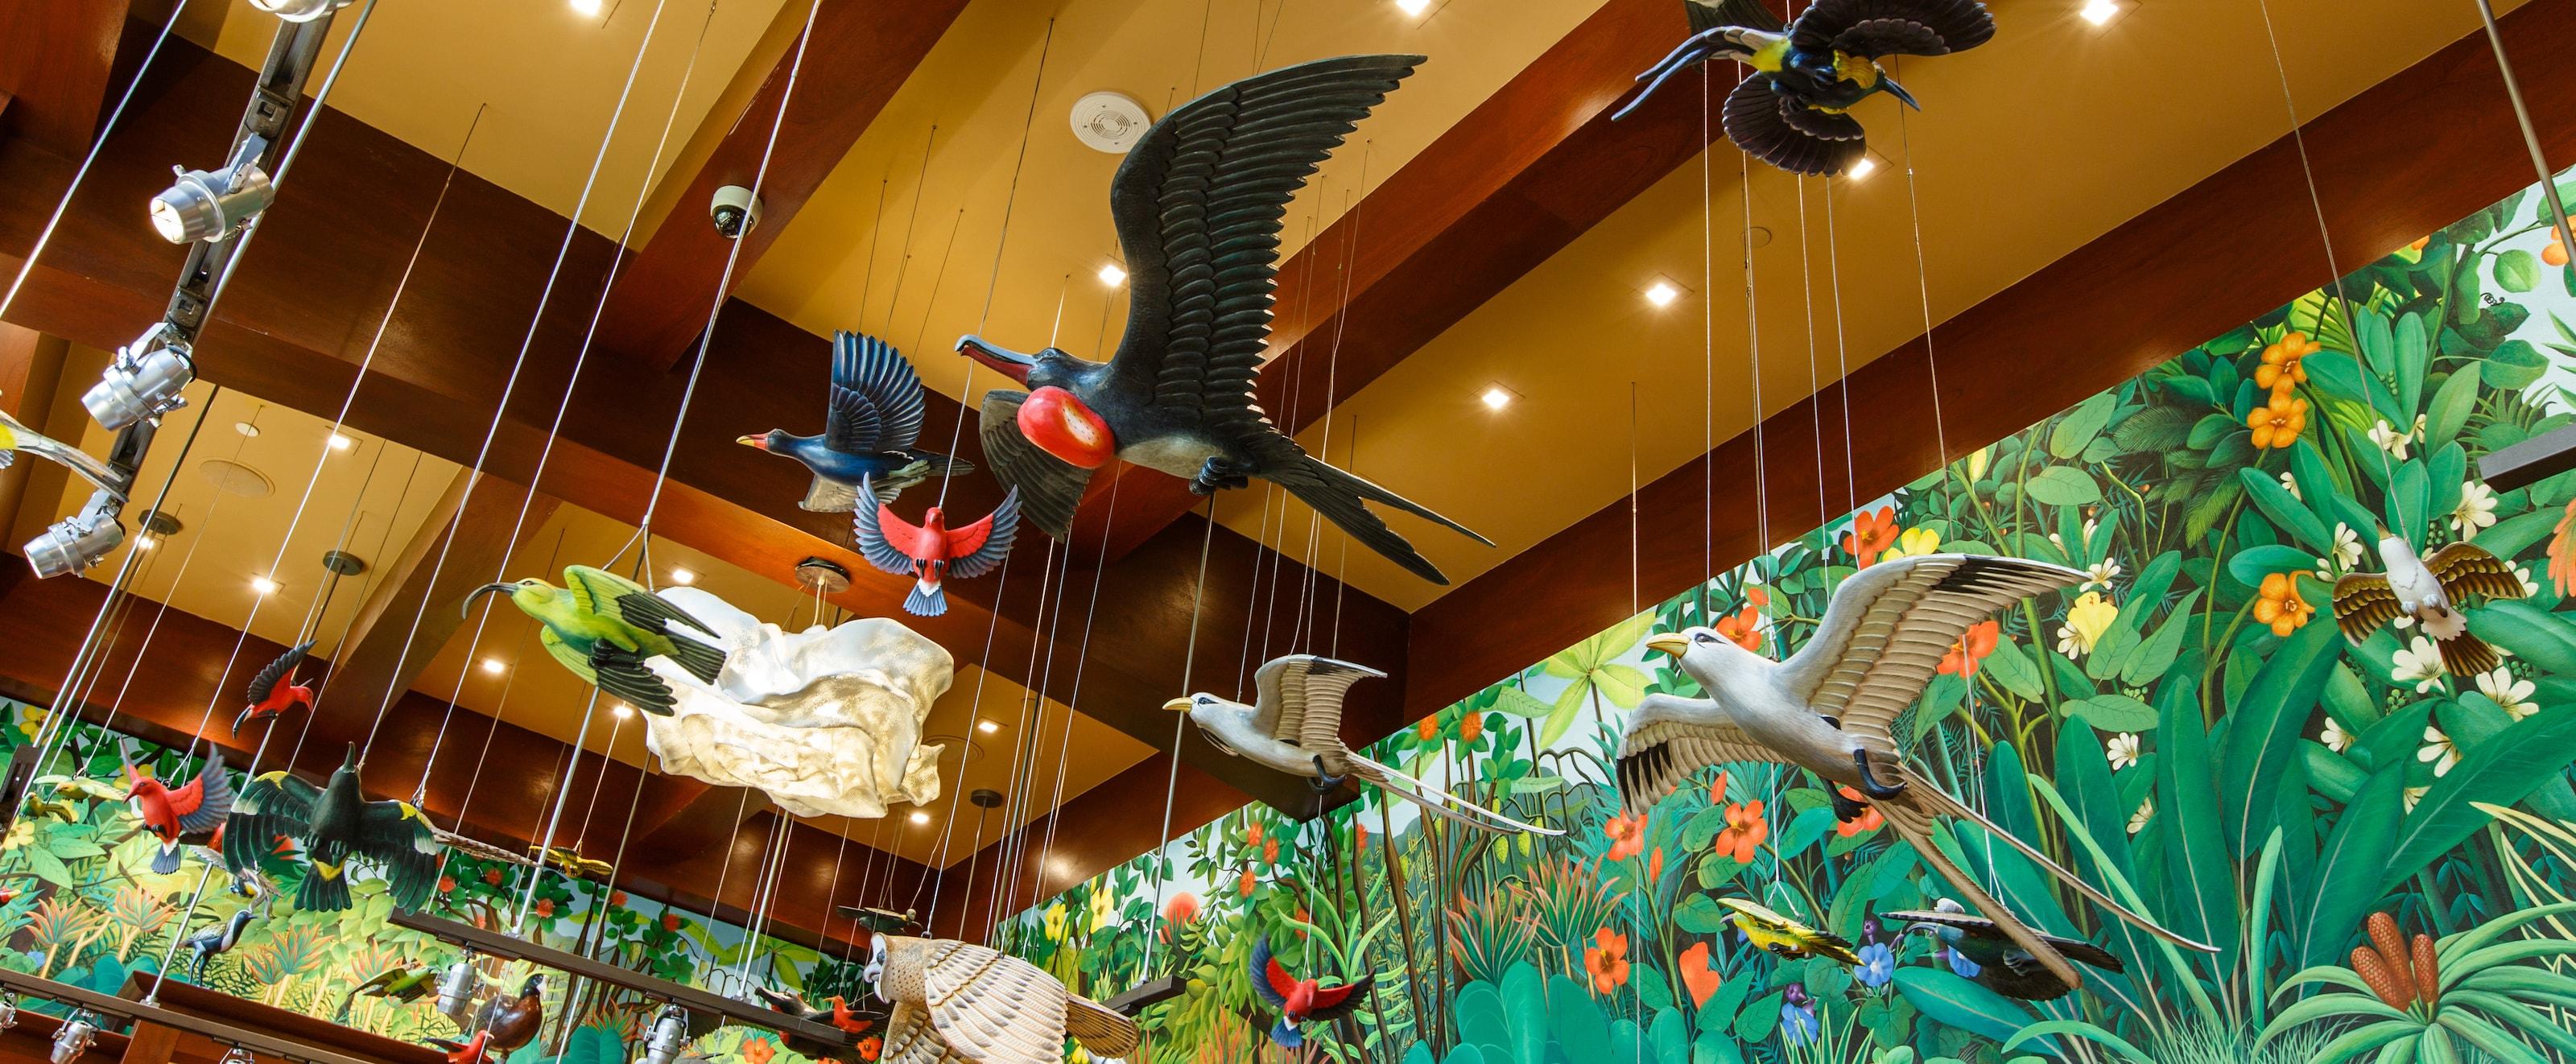 熱帯植物の壁画で囲まれ、木の梁が架かった天井から垂れ下がる紐に留まる、実物大の木製の鳥